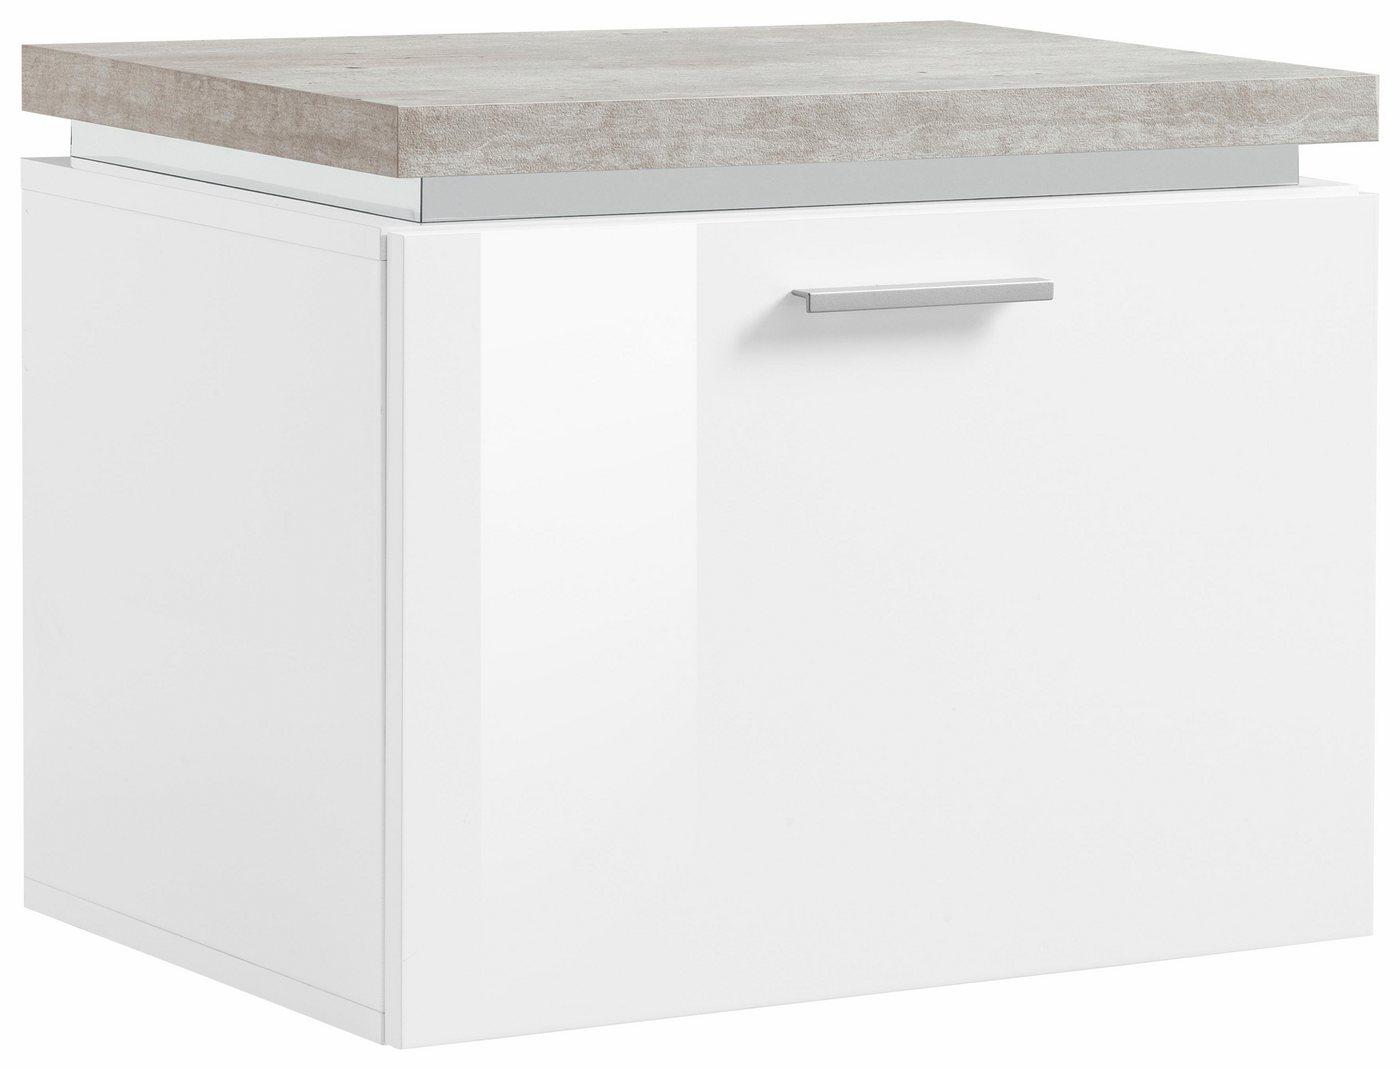 schuhbank weiss hochglanz preisvergleiche. Black Bedroom Furniture Sets. Home Design Ideas